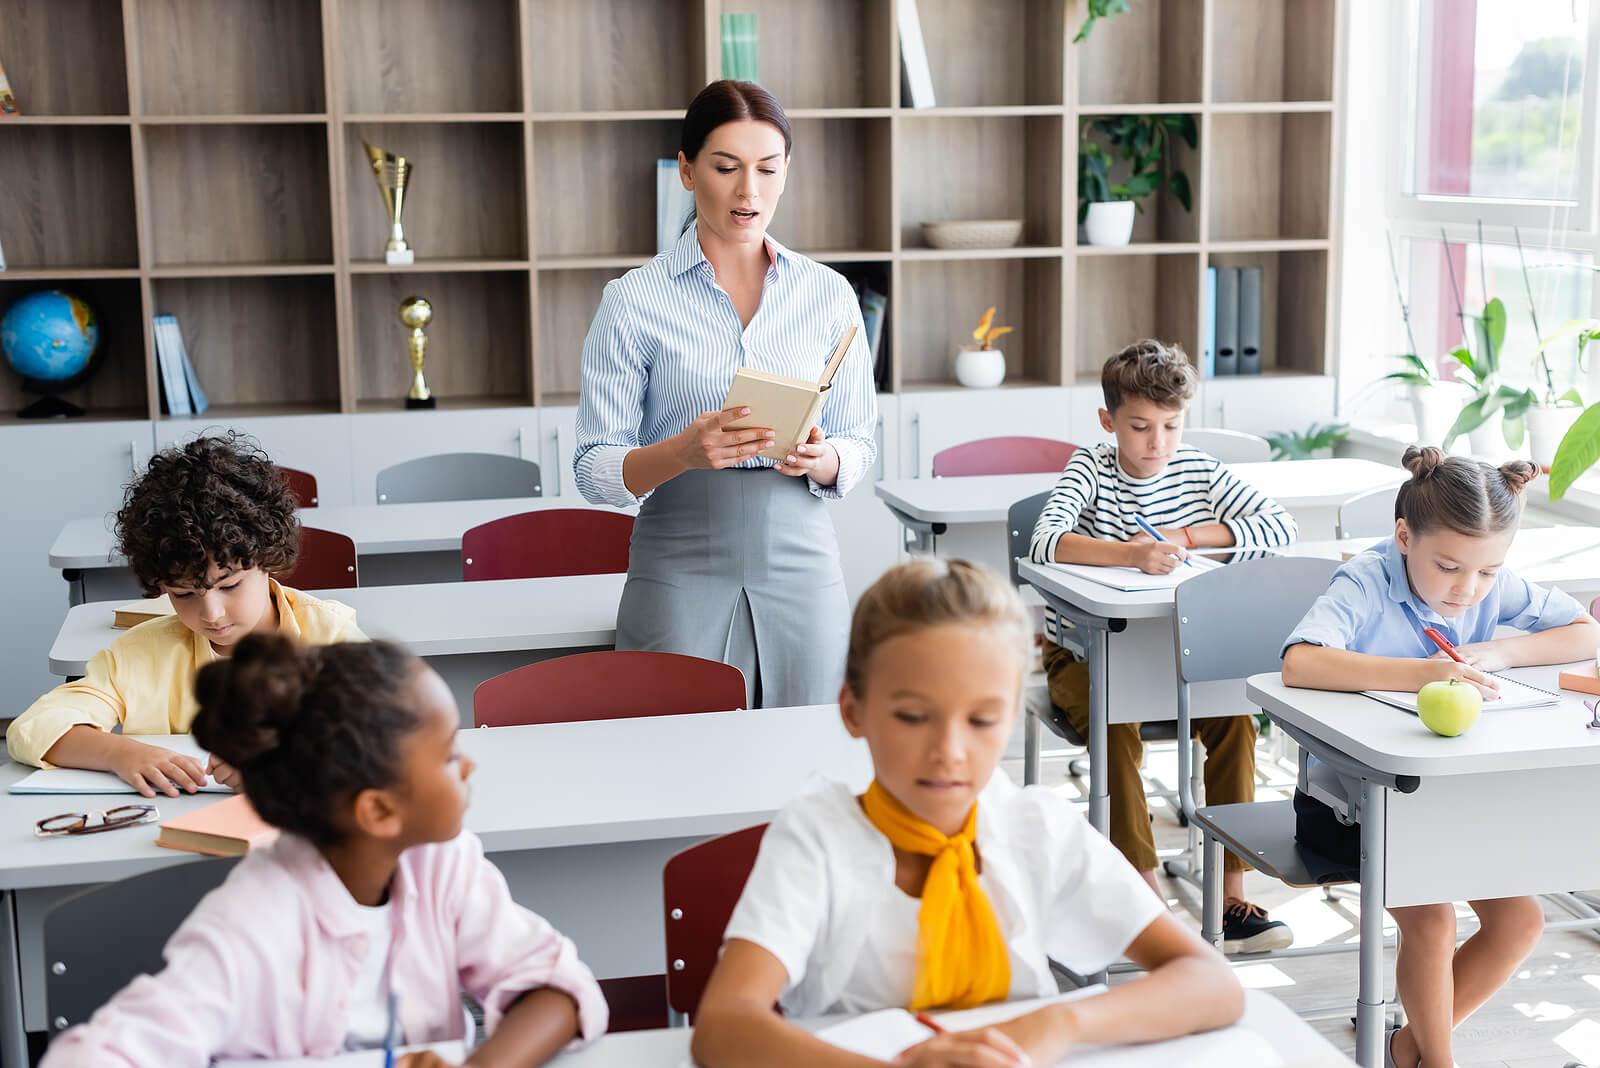 Profesora en clase haciendo un dictado con sus alumnos para demostrar sus beneficios.